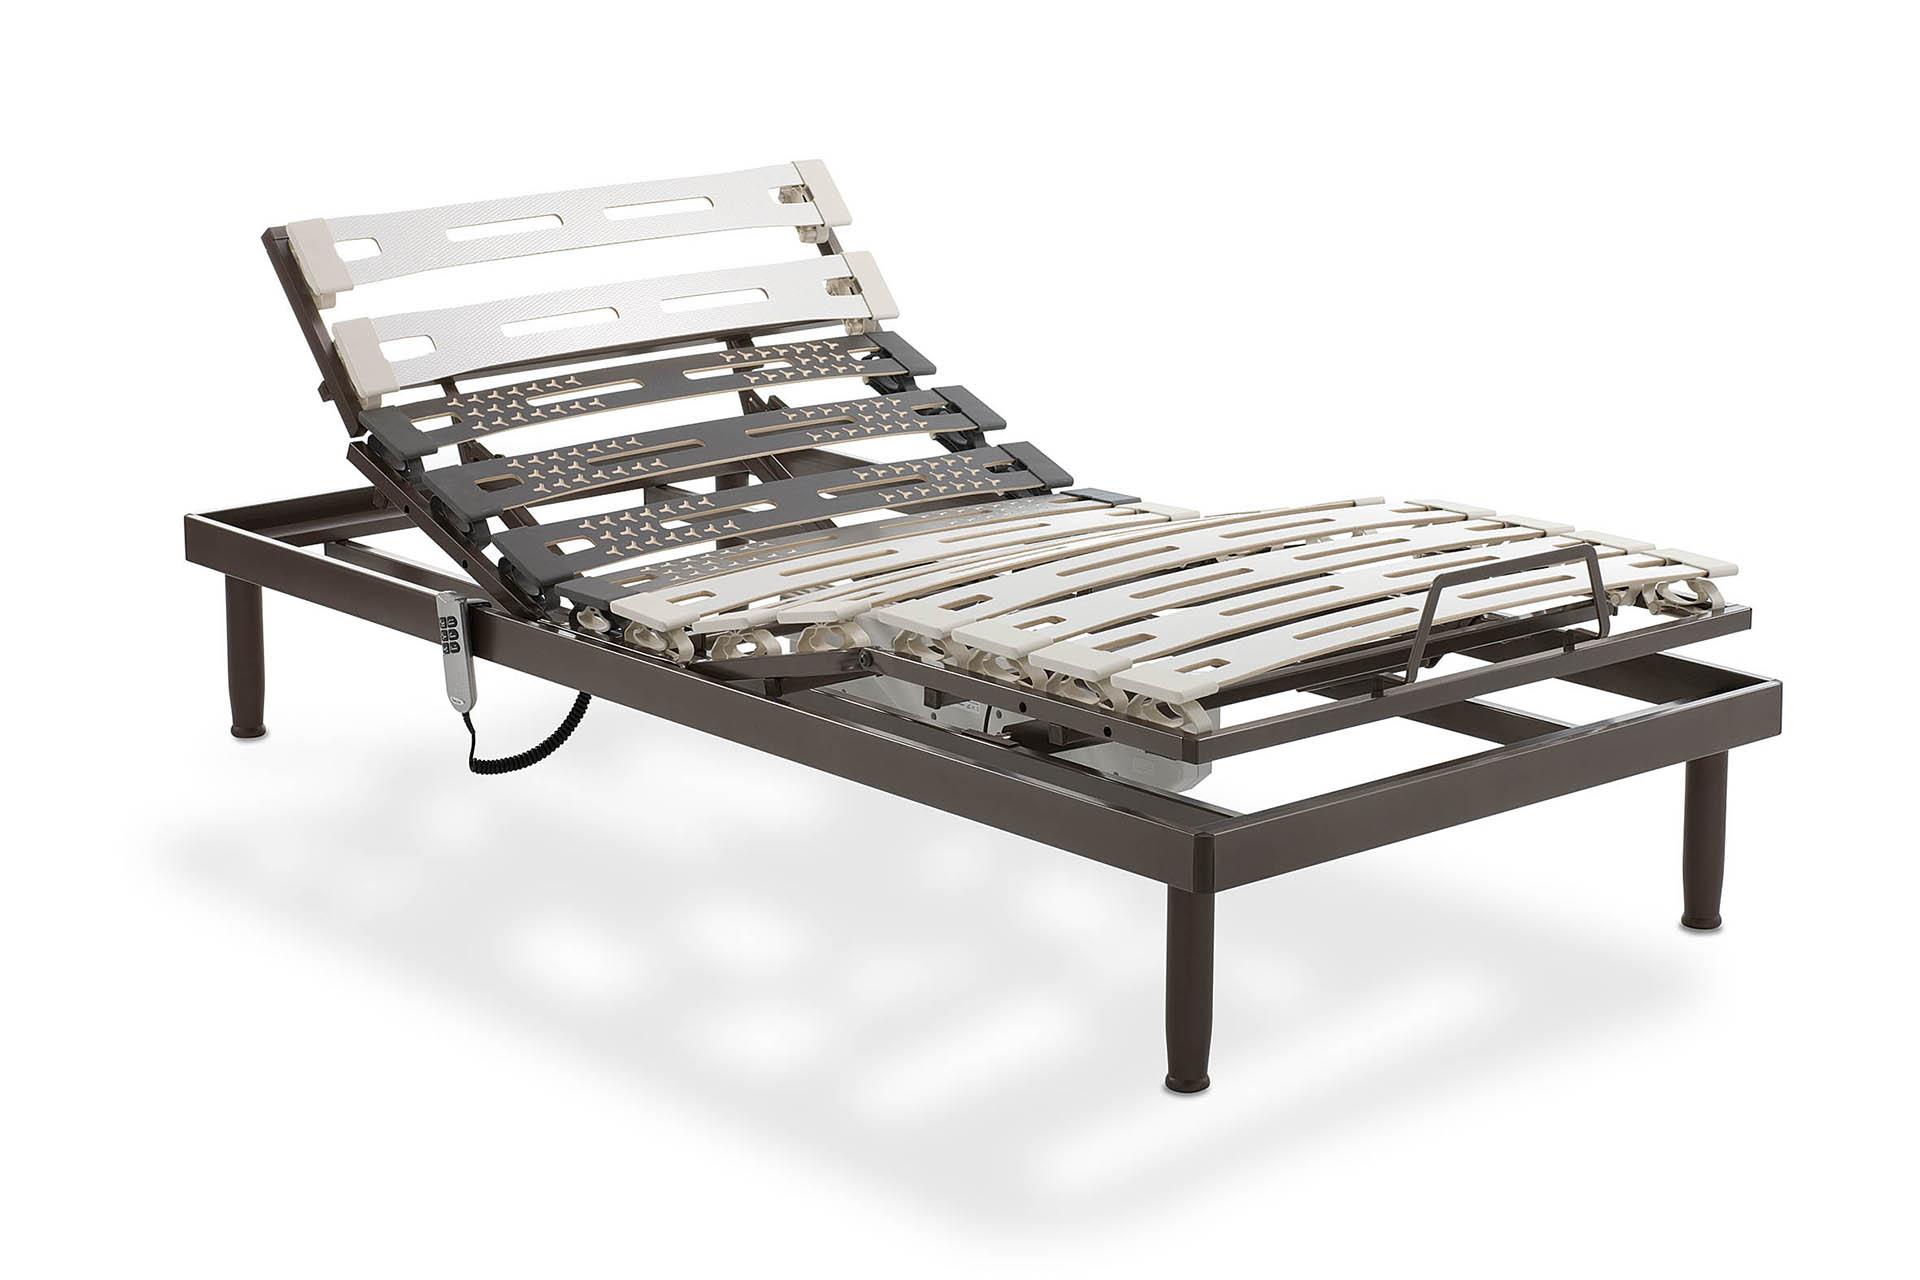 camas articuladas flex